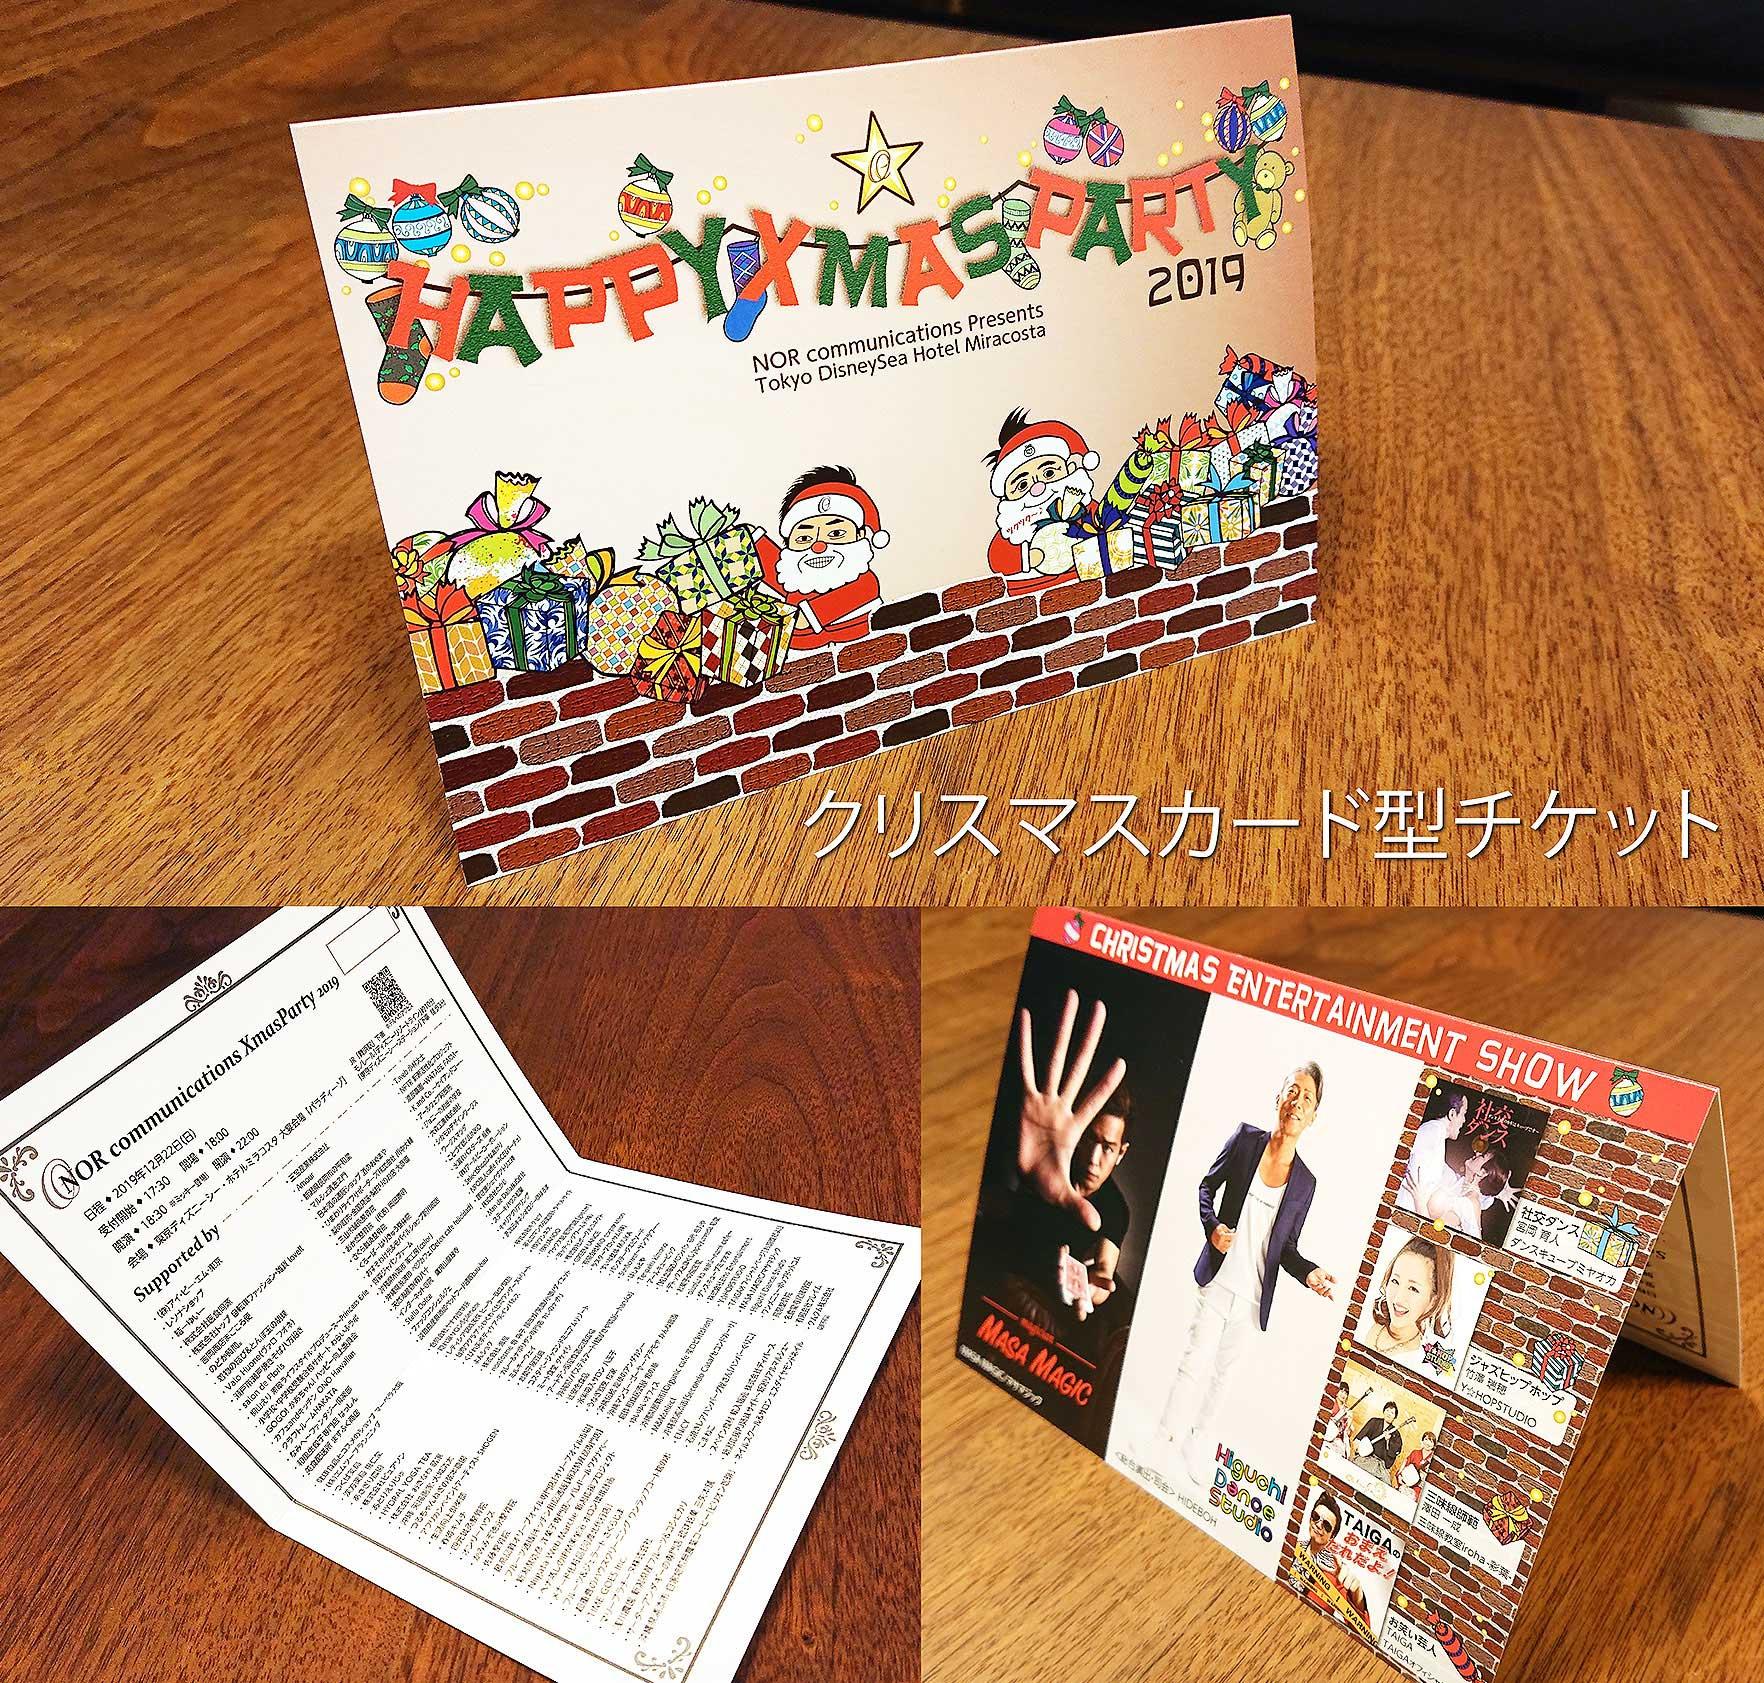 ノアコミュニケーションズクリスマスパーティー2019東京ディズニーシーホテルミラコスタ クリスマスカード型チケット